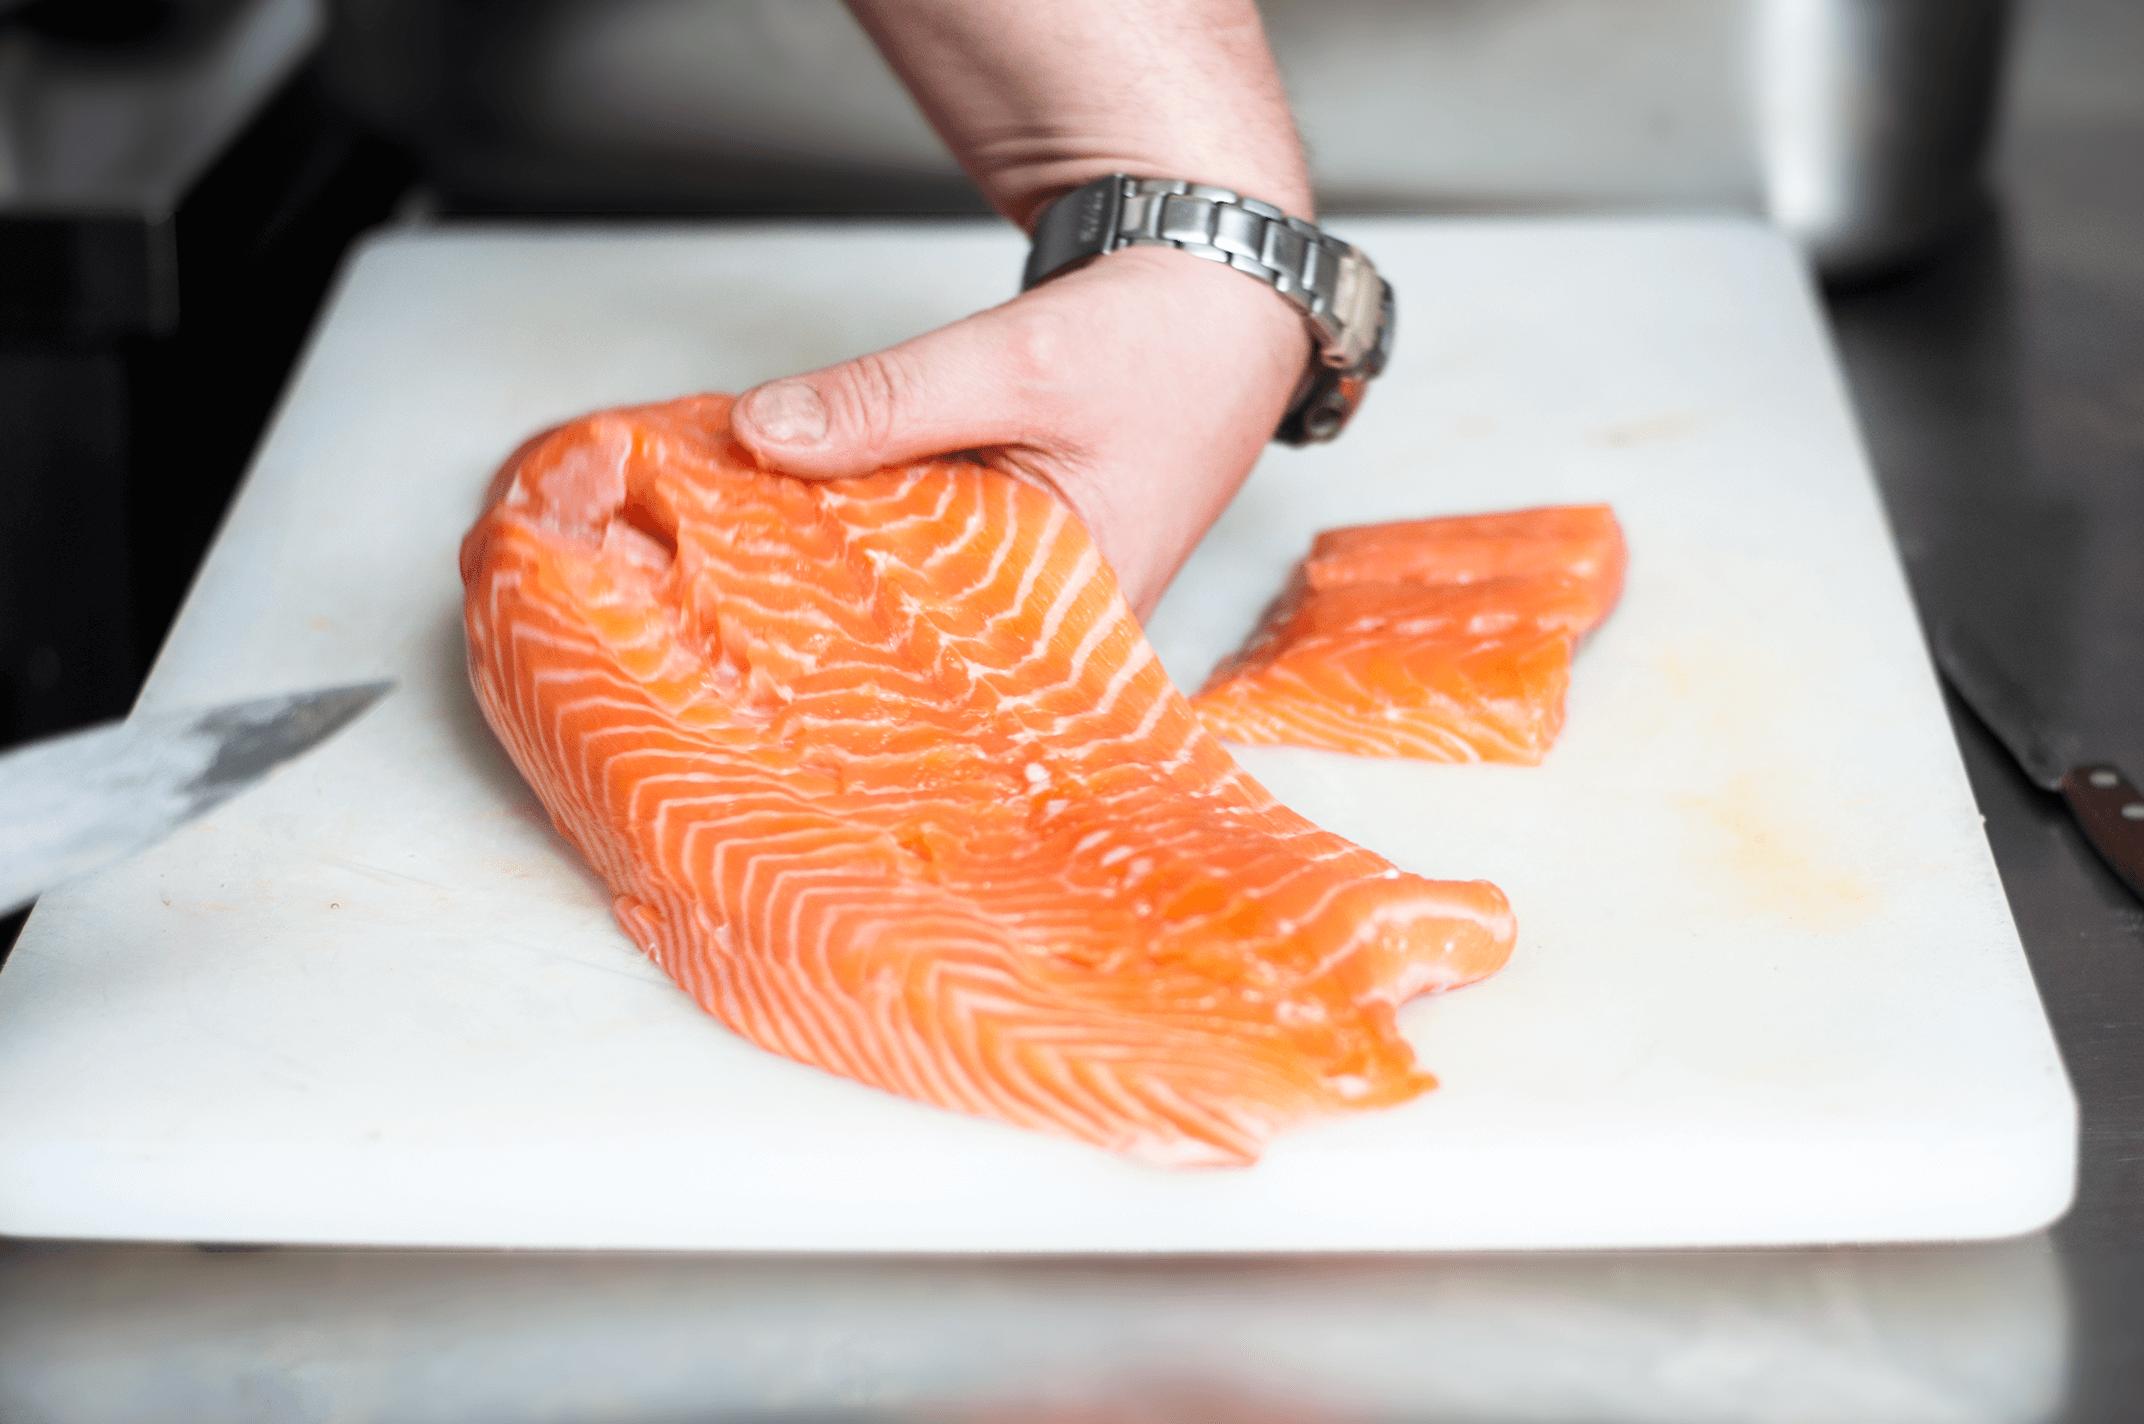 Kucharz starannie oporządza łososia, który po przygotowaniu trafi na restauracyjny strół